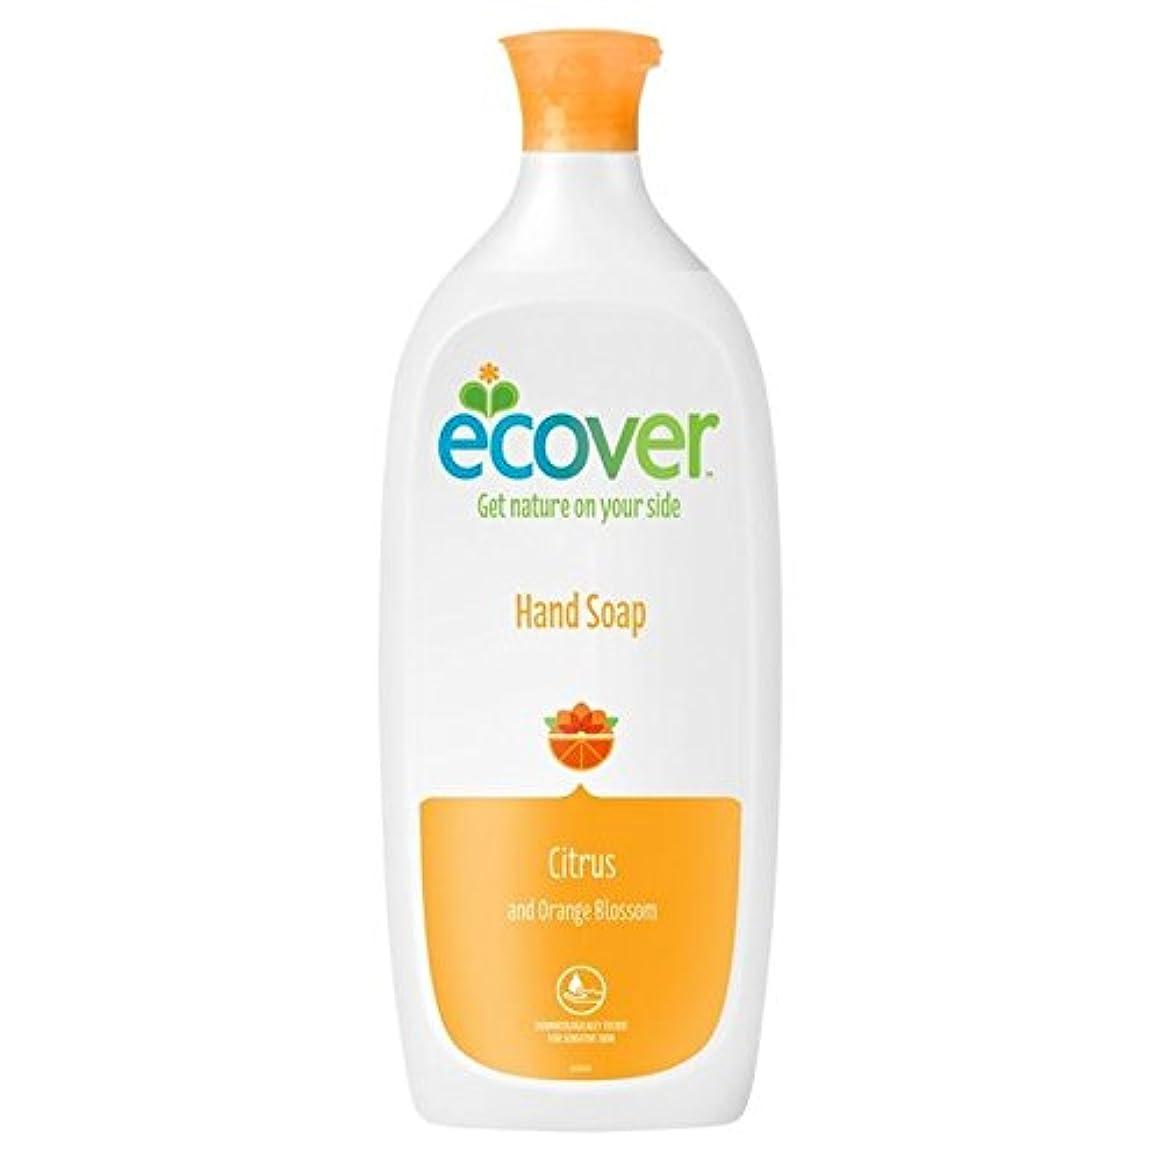 チャネルアンビエント窓を洗うエコベール液体石鹸シトラス&オレンジの花のリフィル1リットル x2 - Ecover Liquid Soap Citrus & Orange Blossom Refill 1L (Pack of 2) [並行輸入品]